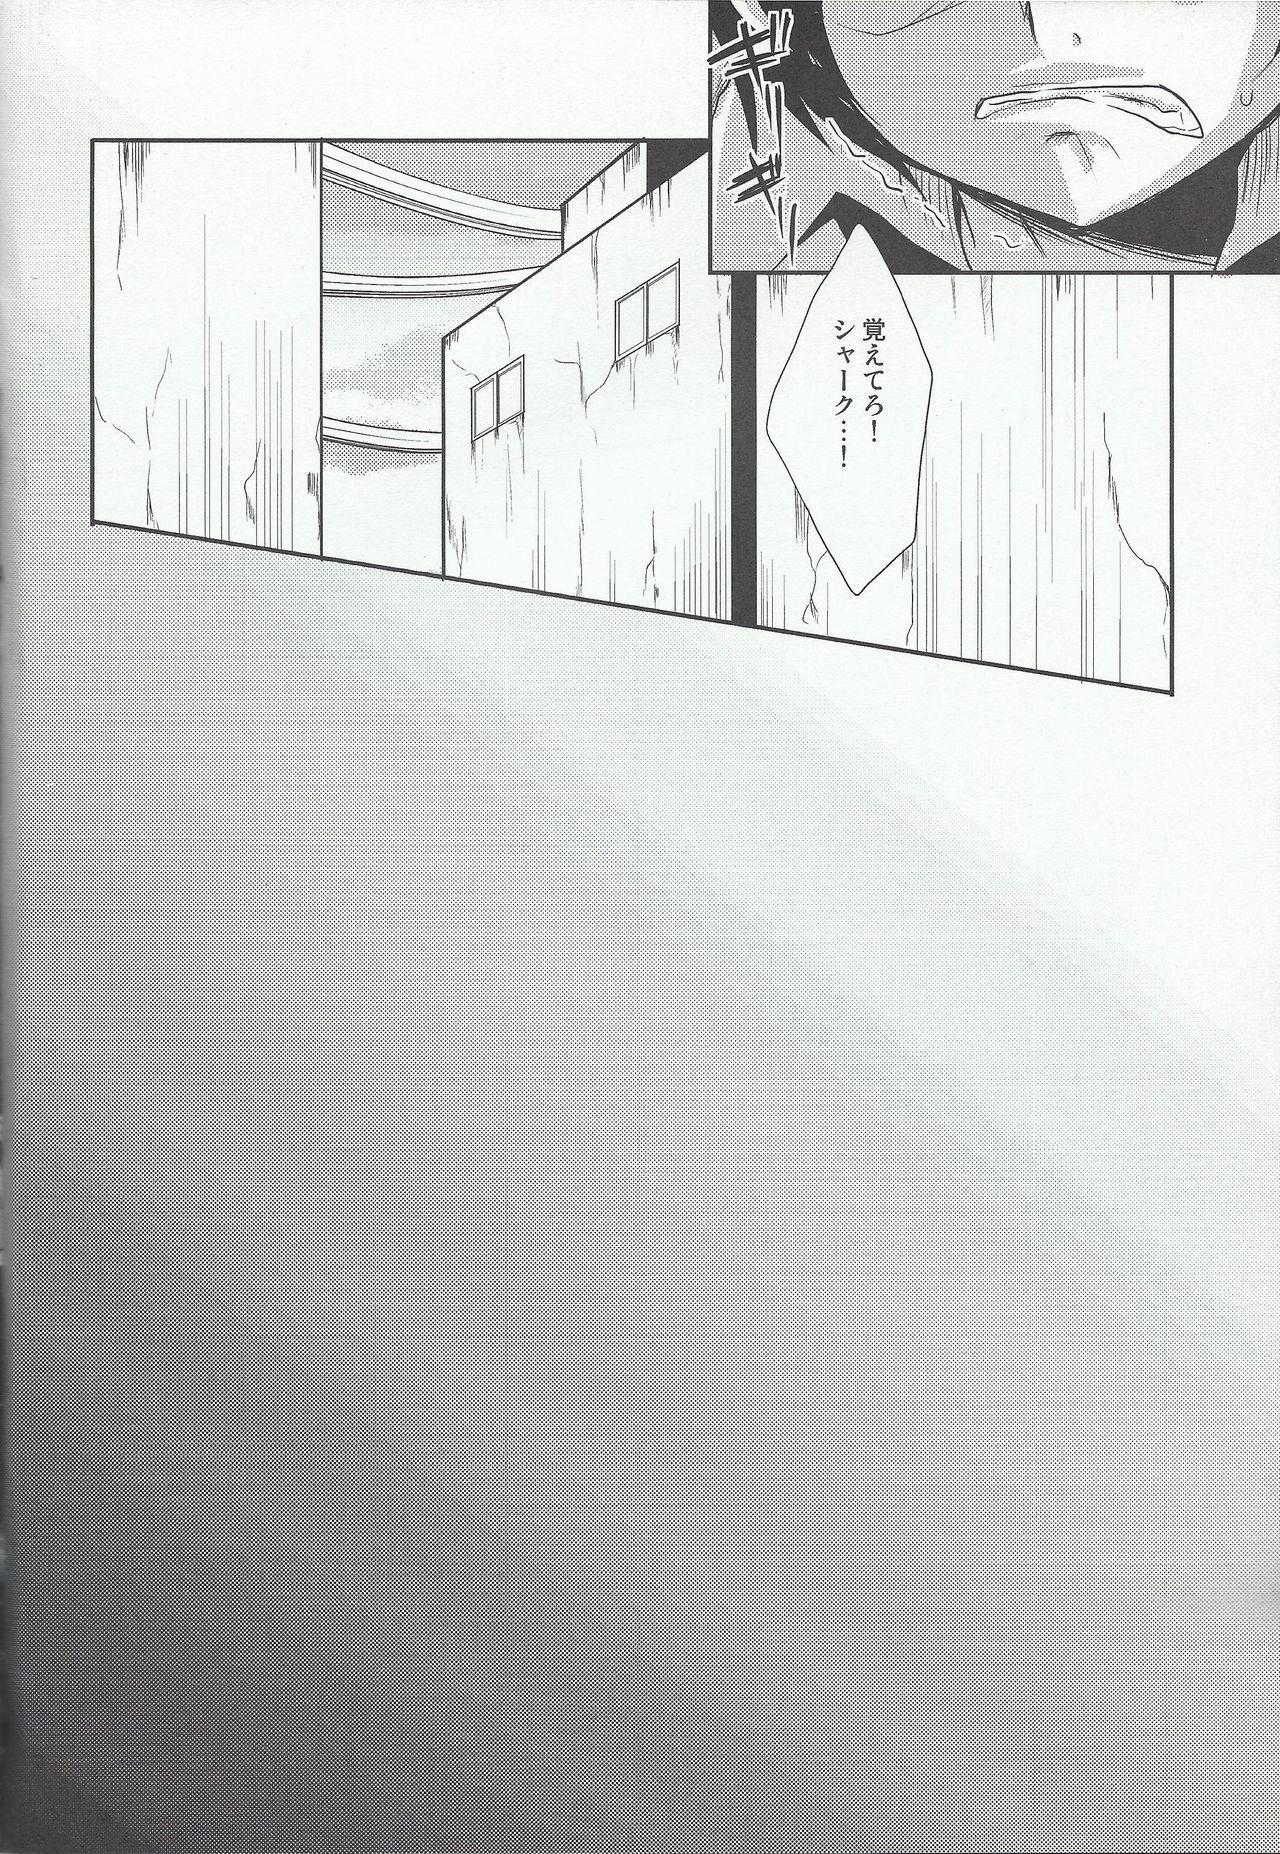 Ryoujoku 4